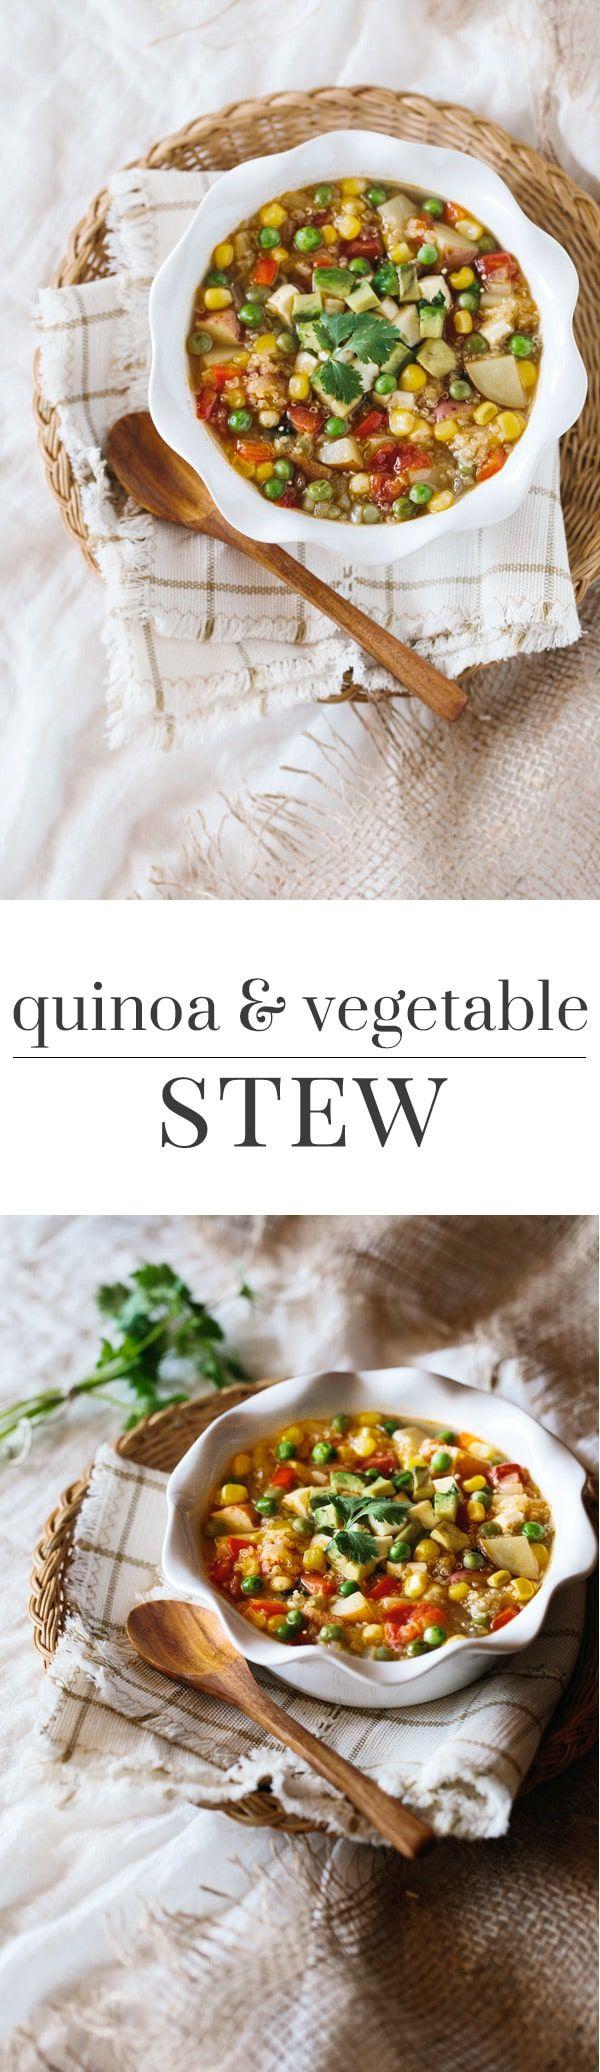 American Test Kitchen Vegetable Stew